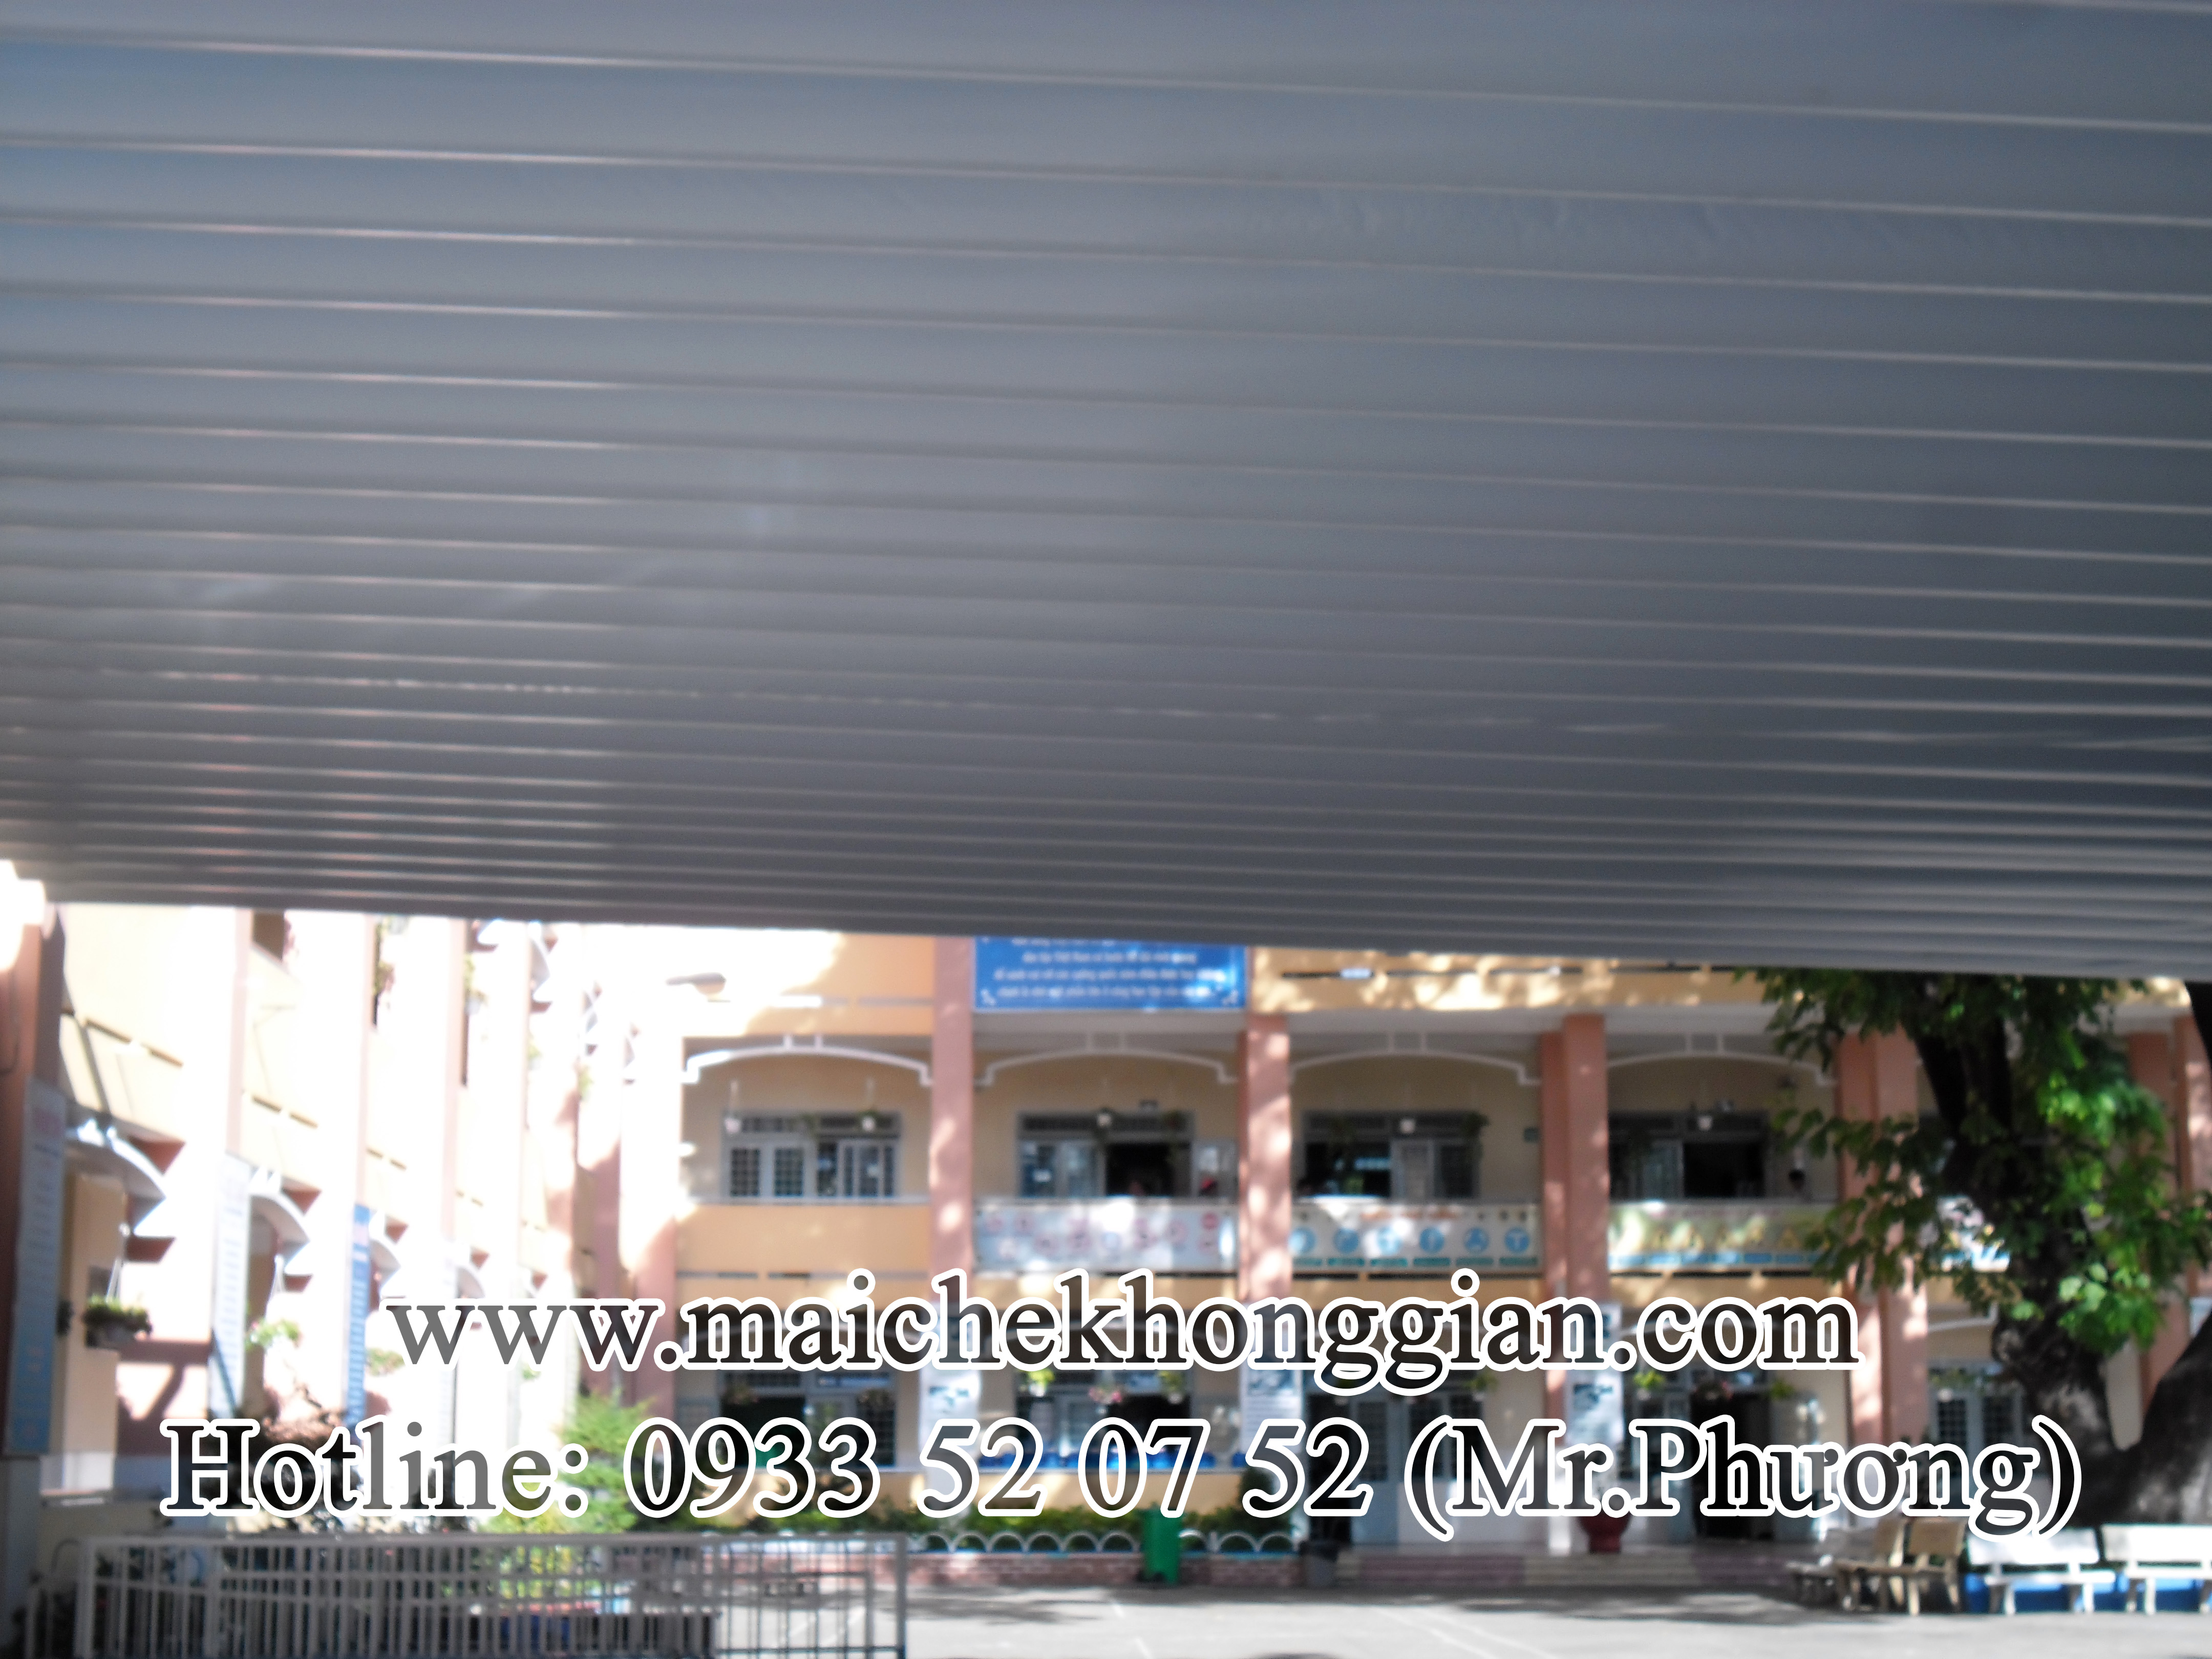 Mái Che Sân Trường Huyện Vũng Liêm Vĩnh Long